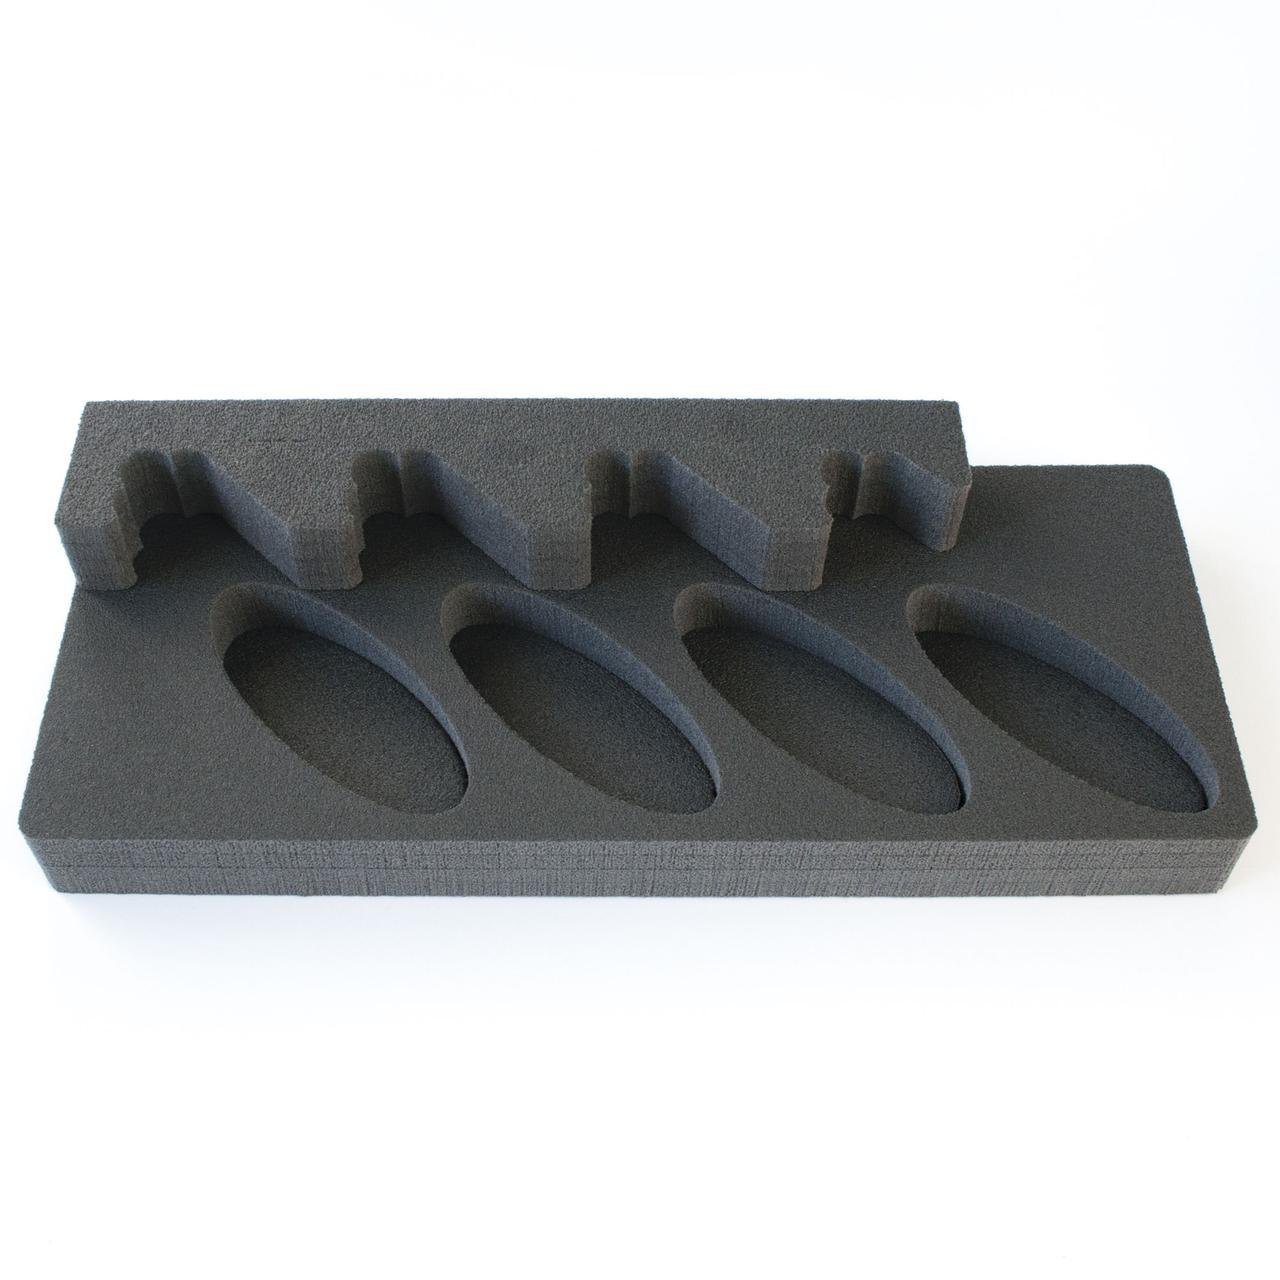 Комплект держатель ствола 4UGL + ложемент под приклад D4UGL на четыре ствола (ружья) под углом